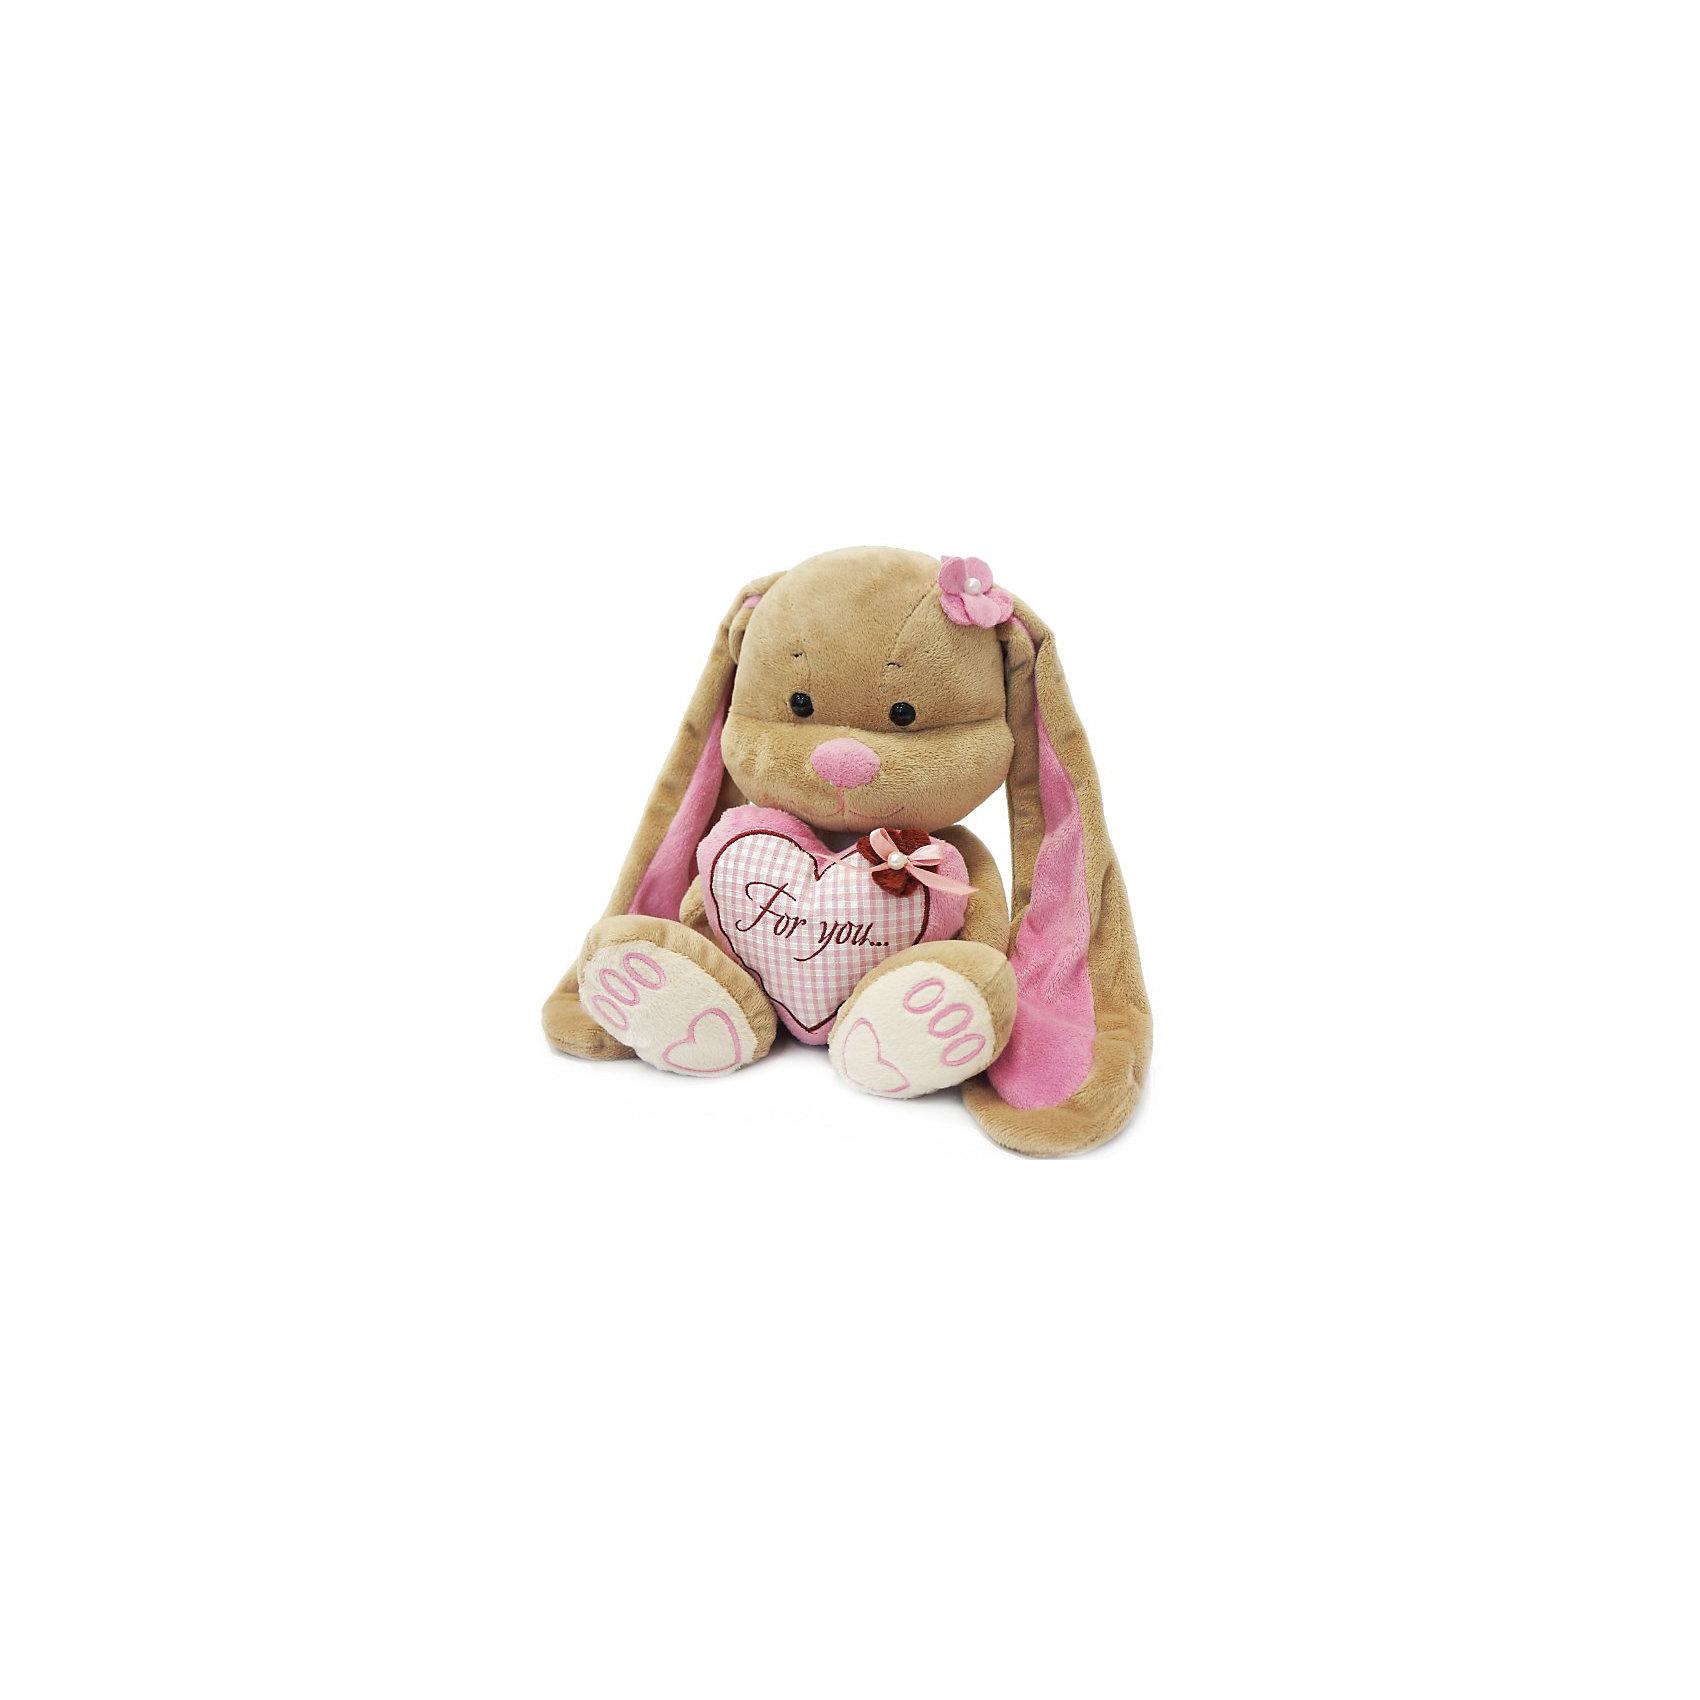 Зайка Лин с сердцем, 25 см, MAXITOYSЗайцы и кролики<br>Очень симпатичная мягкая игрушка сделана в виде Зайца с сердцем в лапках. Она поможет ребенку проводить время весело и с пользой (такие игрушки развивают воображение и моторику). Смотрится игрушка очень мило - ее хочется трогать и играть с ней.<br>Размер игрушки универсален - 25 сантиметров, её удобно брать с собой в поездки и на прогулку. Сделан Зайка из качественных и безопасных для ребенка материалов, которые еще и приятны на ощупь. Эта игрушка может стать и отличным подарком для взрослого, также она украсит любой интерьер.<br><br>Дополнительная информация:<br><br>- материал: мех искусственный, трикотажный, волокно полиэфирное;<br>- высота: 25 см.<br><br>Игрушку Зайка Лин с сердцем, 25 см, от марки MAXITOYS можно купить в нашем магазине.<br><br>Ширина мм: 170<br>Глубина мм: 200<br>Высота мм: 250<br>Вес г: 221<br>Возраст от месяцев: 36<br>Возраст до месяцев: 1188<br>Пол: Женский<br>Возраст: Детский<br>SKU: 4701892